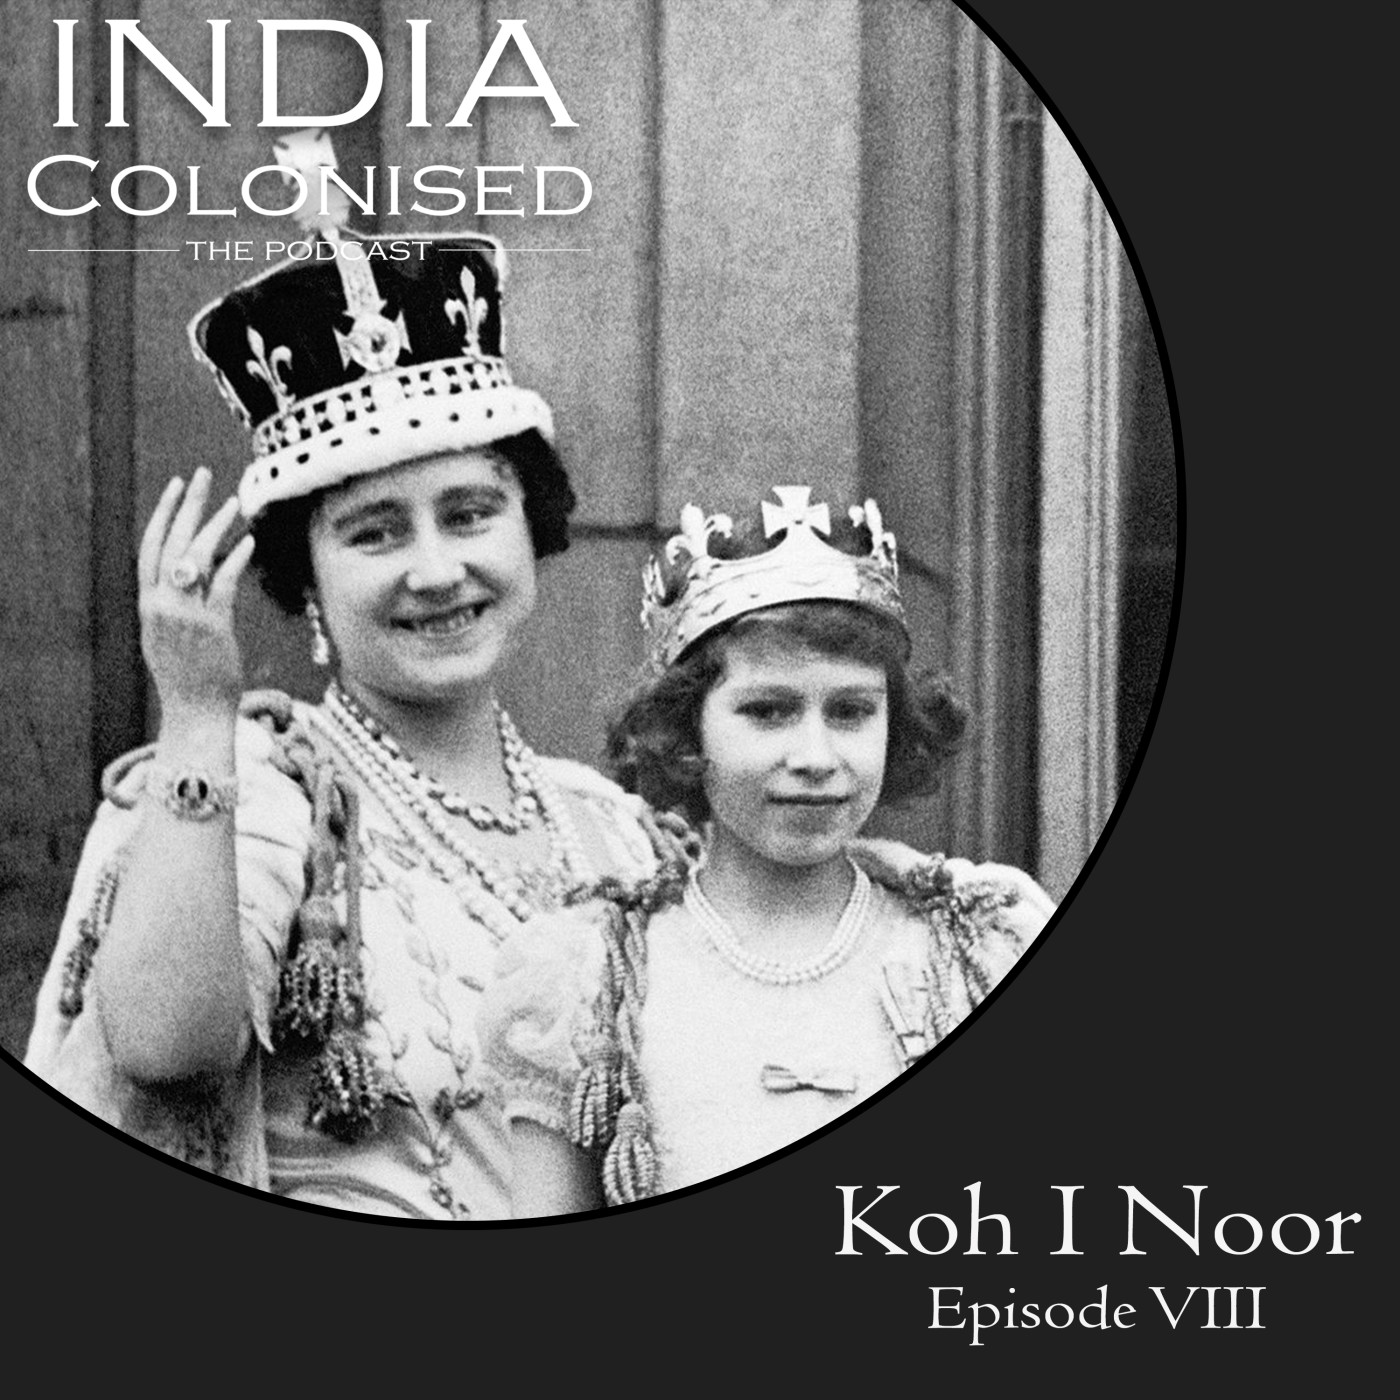 Episode 08: Koh I Noor